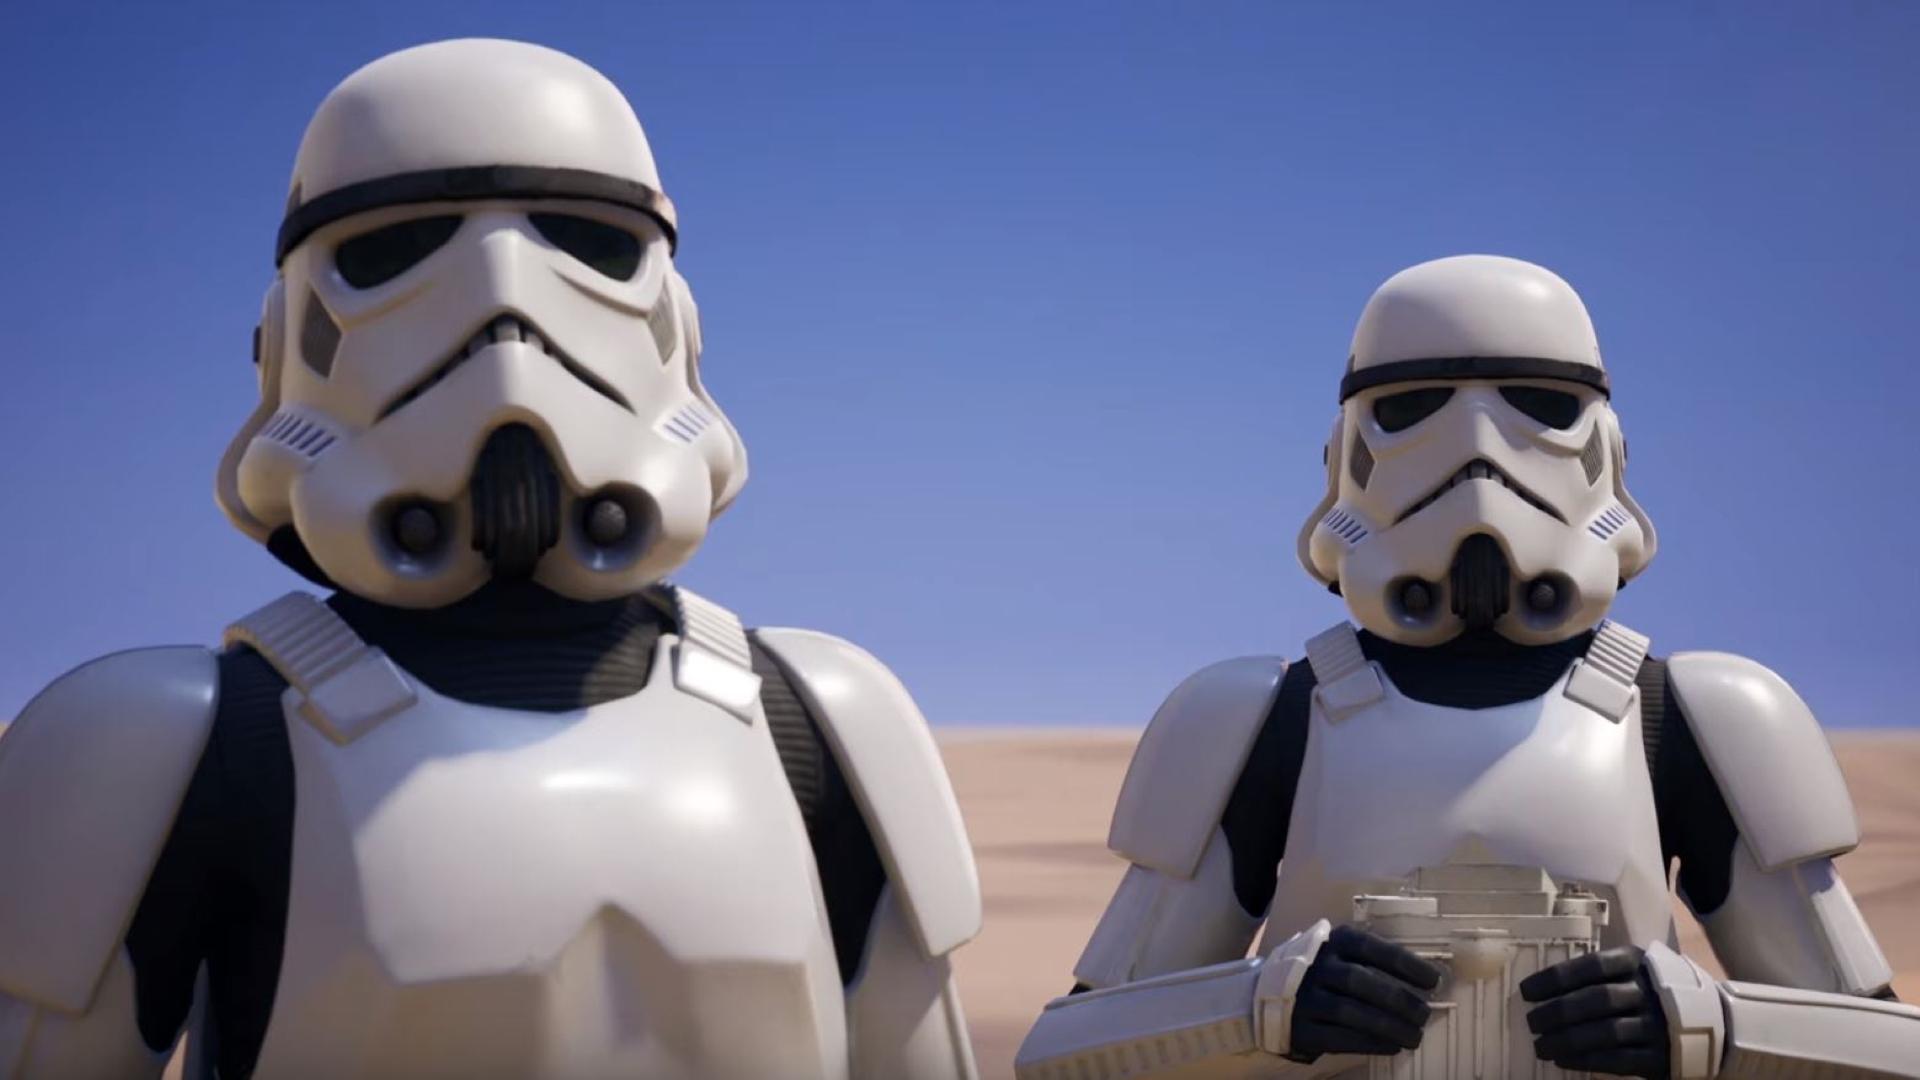 fortnite_star_wars_crossover_stormtrooper_skin_trailer.jpg